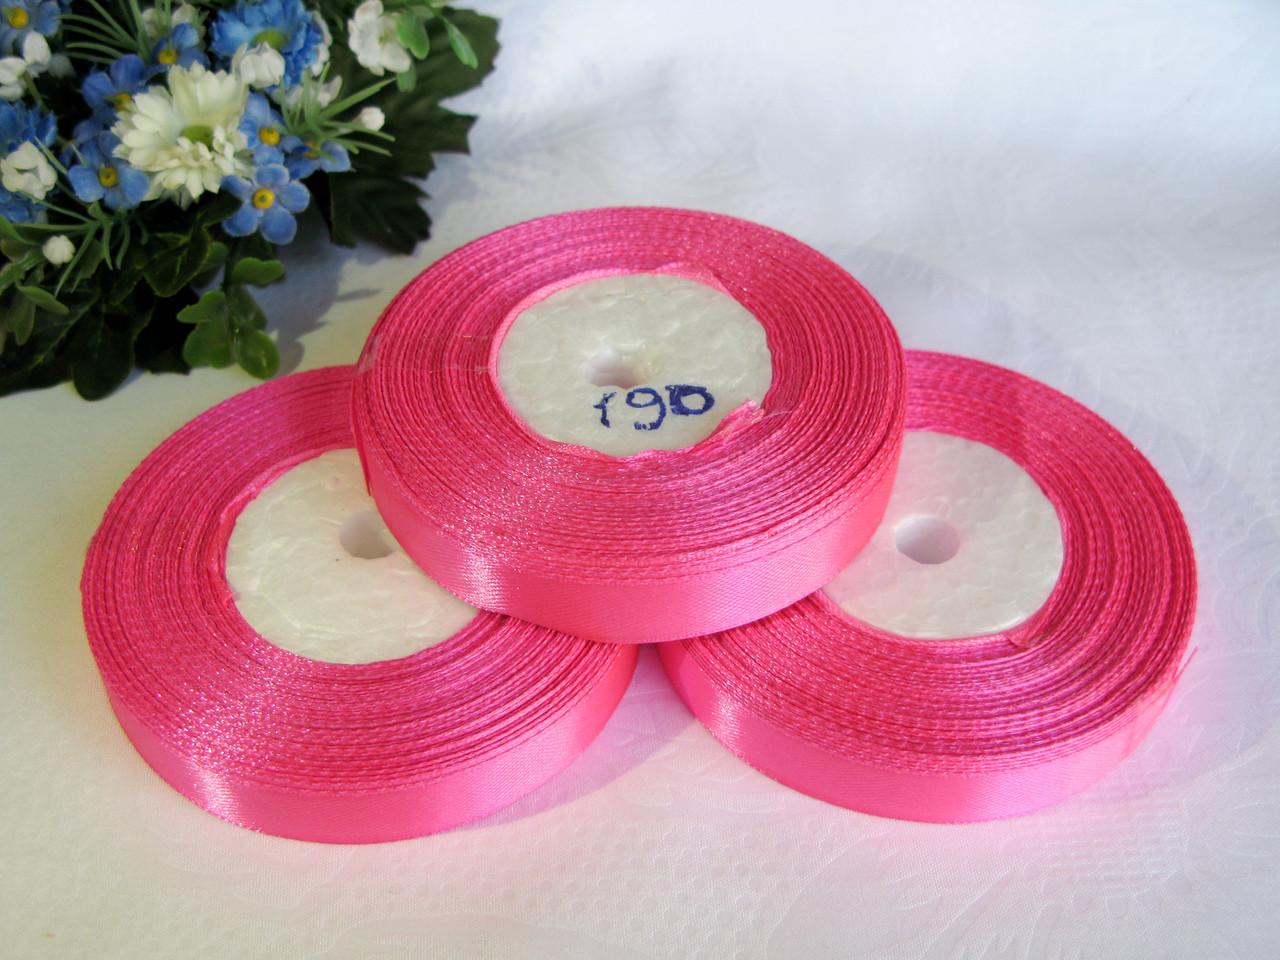 Атласная лента 1.2 см цвет - розовый яркий (190)  бобина 23 м